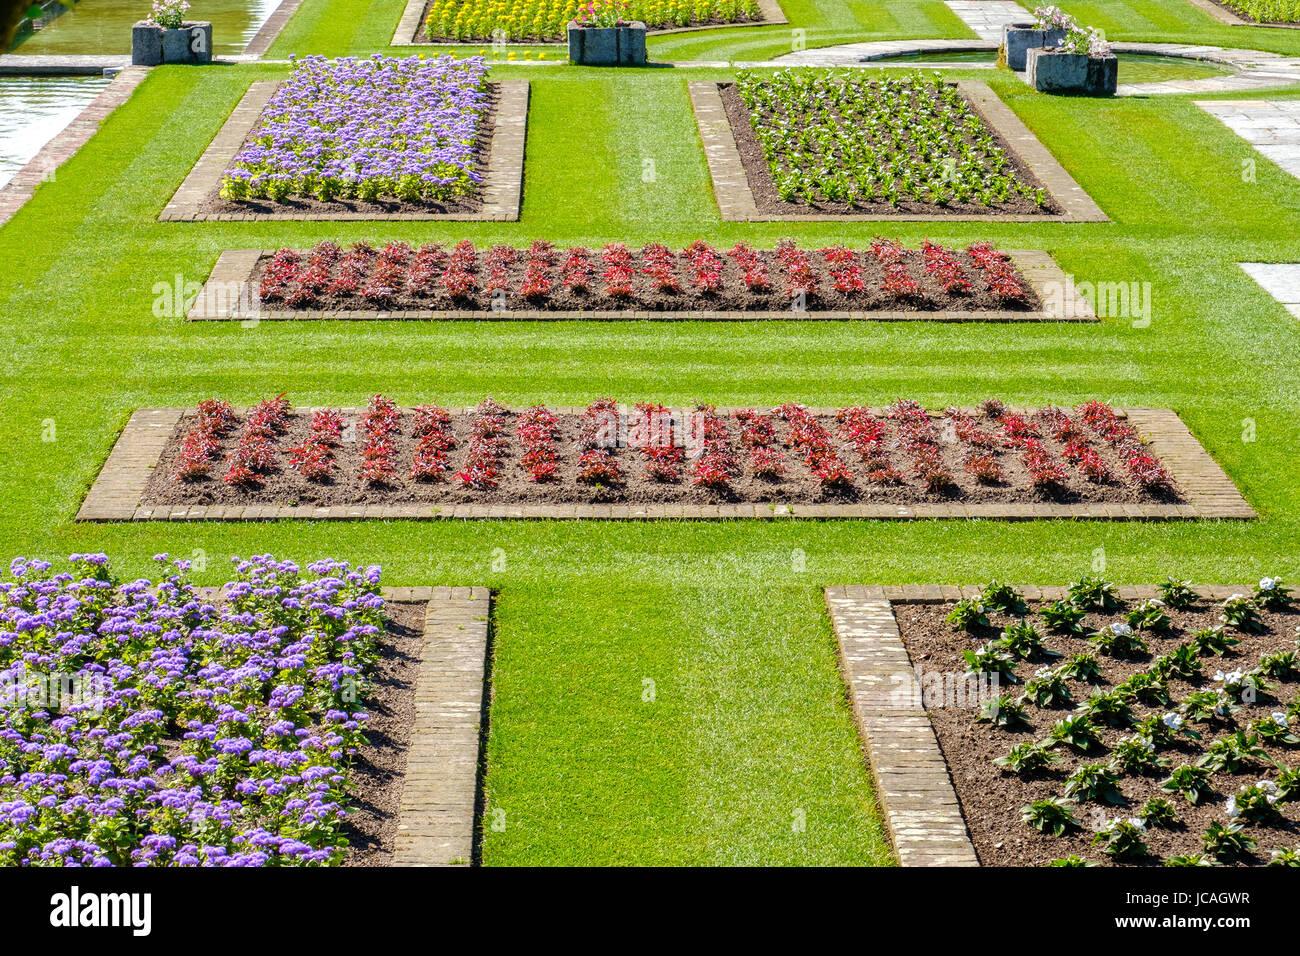 Gärten im italienischen Stil Ideen Blumenbeete über Ansicht Stockbild